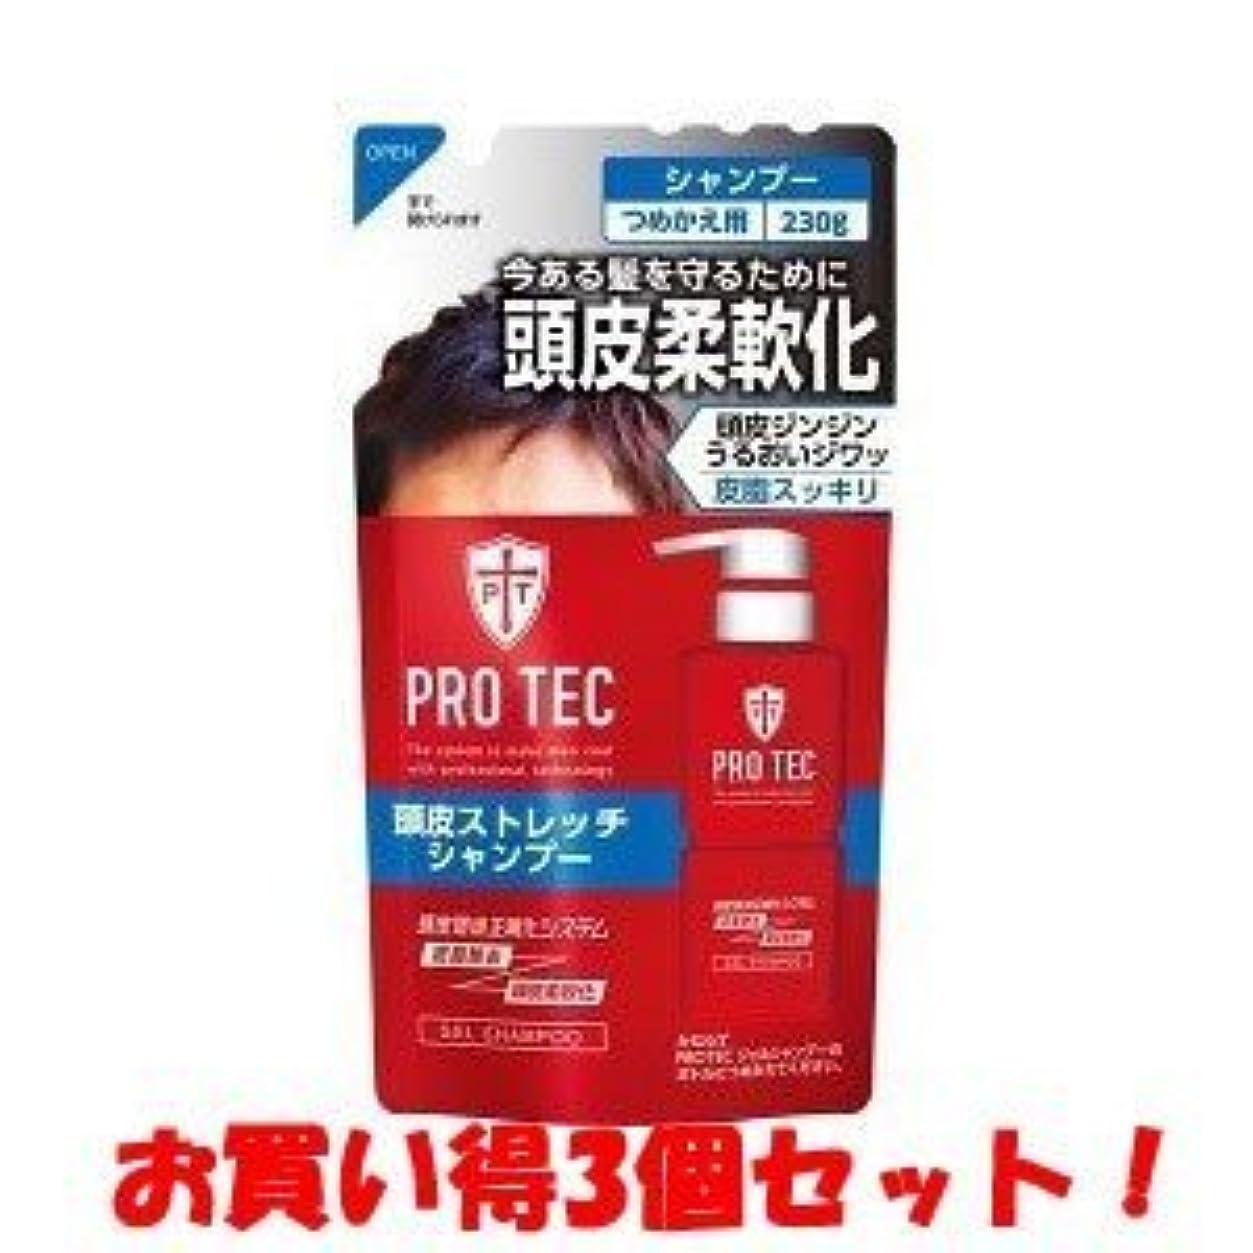 ロール火山学すべき(ライオン)PRO TEC(プロテク) 頭皮ストレッチ シャンプー つめかえ用 230g(医薬部外品)(お買い得3個セット)